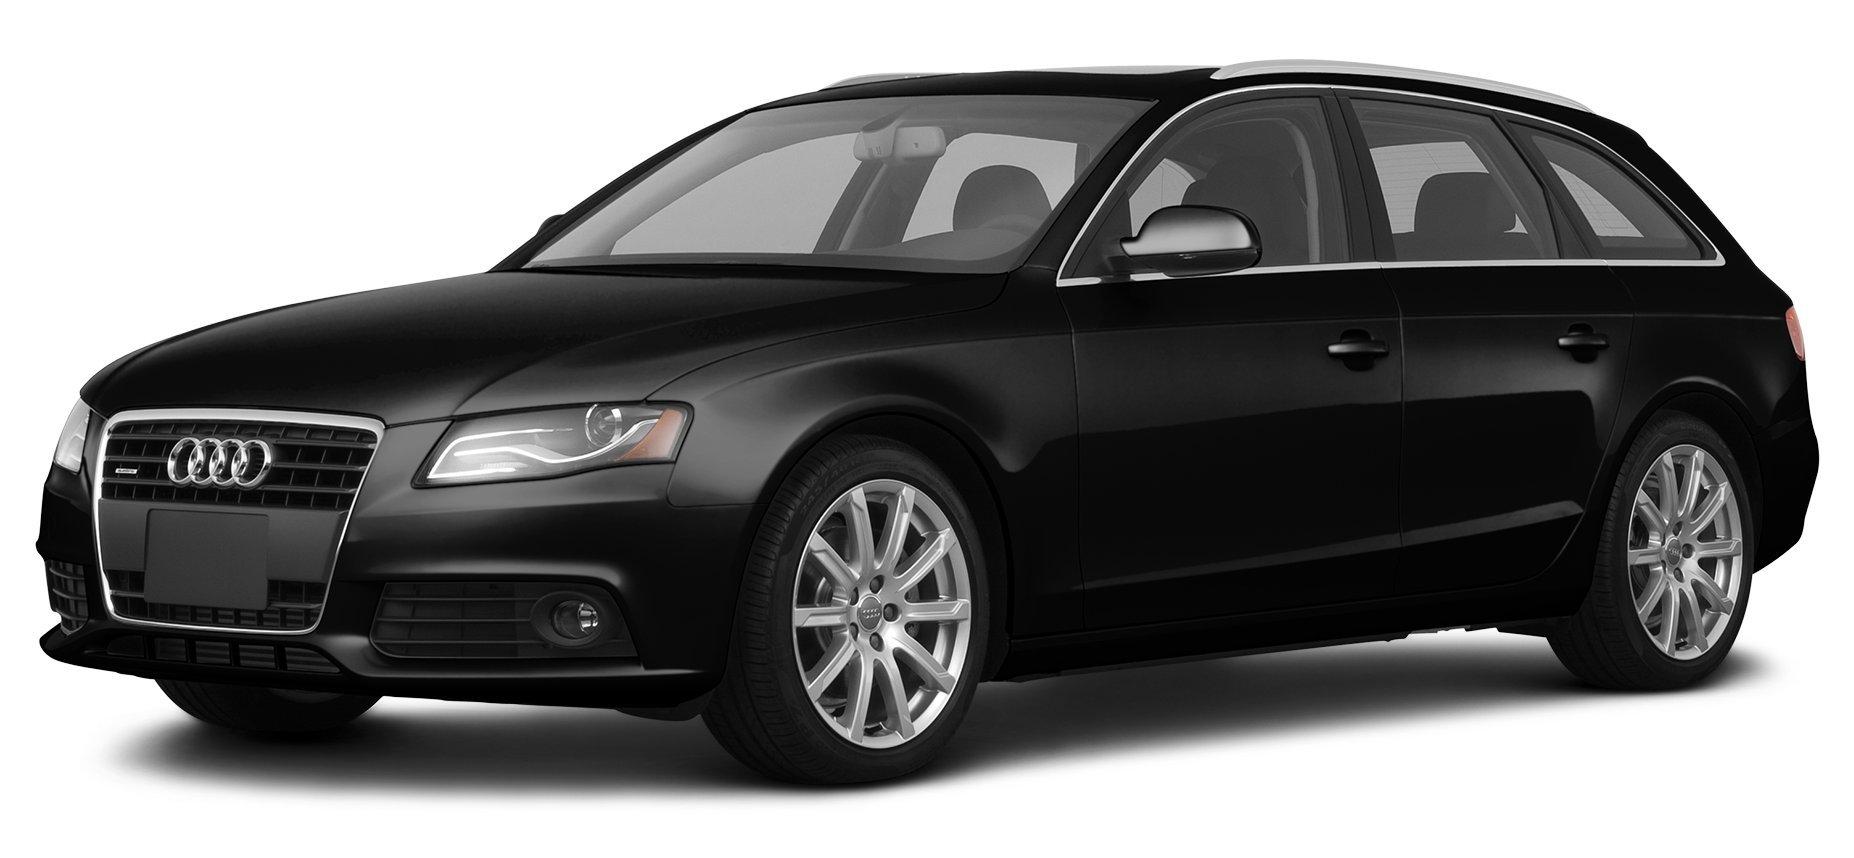 Amazon.com: 2011 Audi A4 Quattro 2.0T Premium Reviews ...